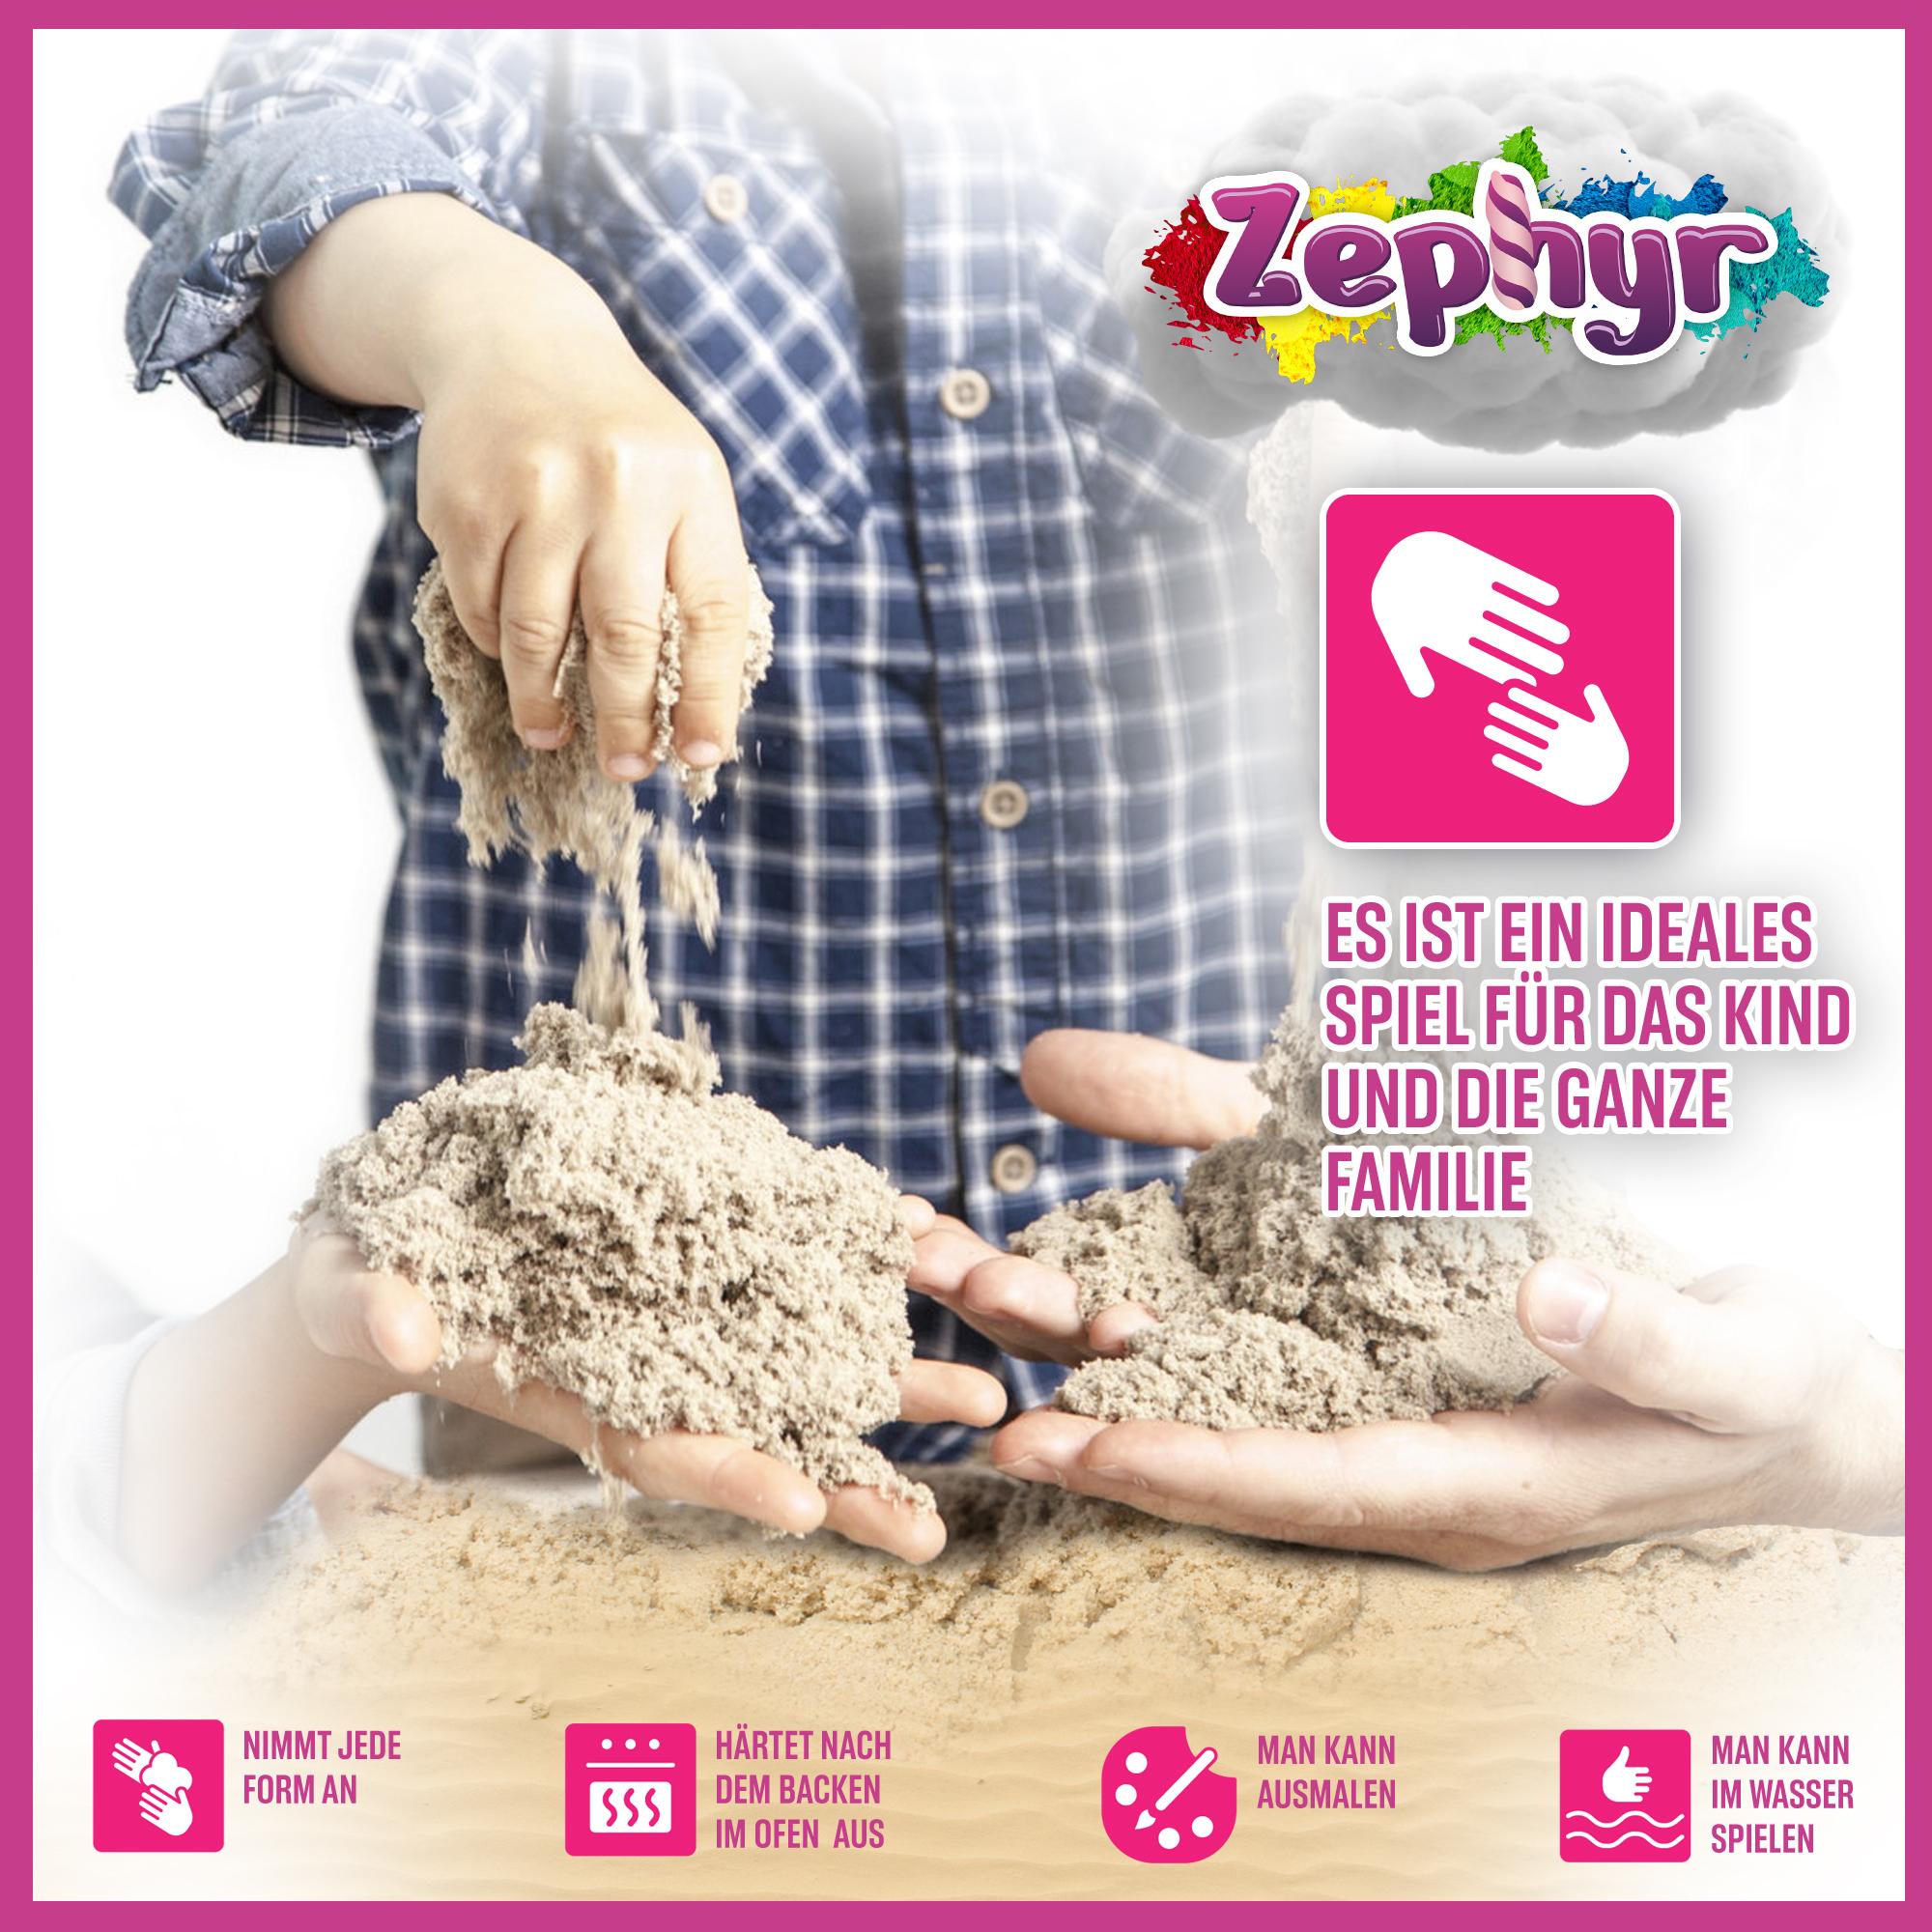 Zaubersand Magischer Sand Therapiesand Magic Sand Kneten Neu